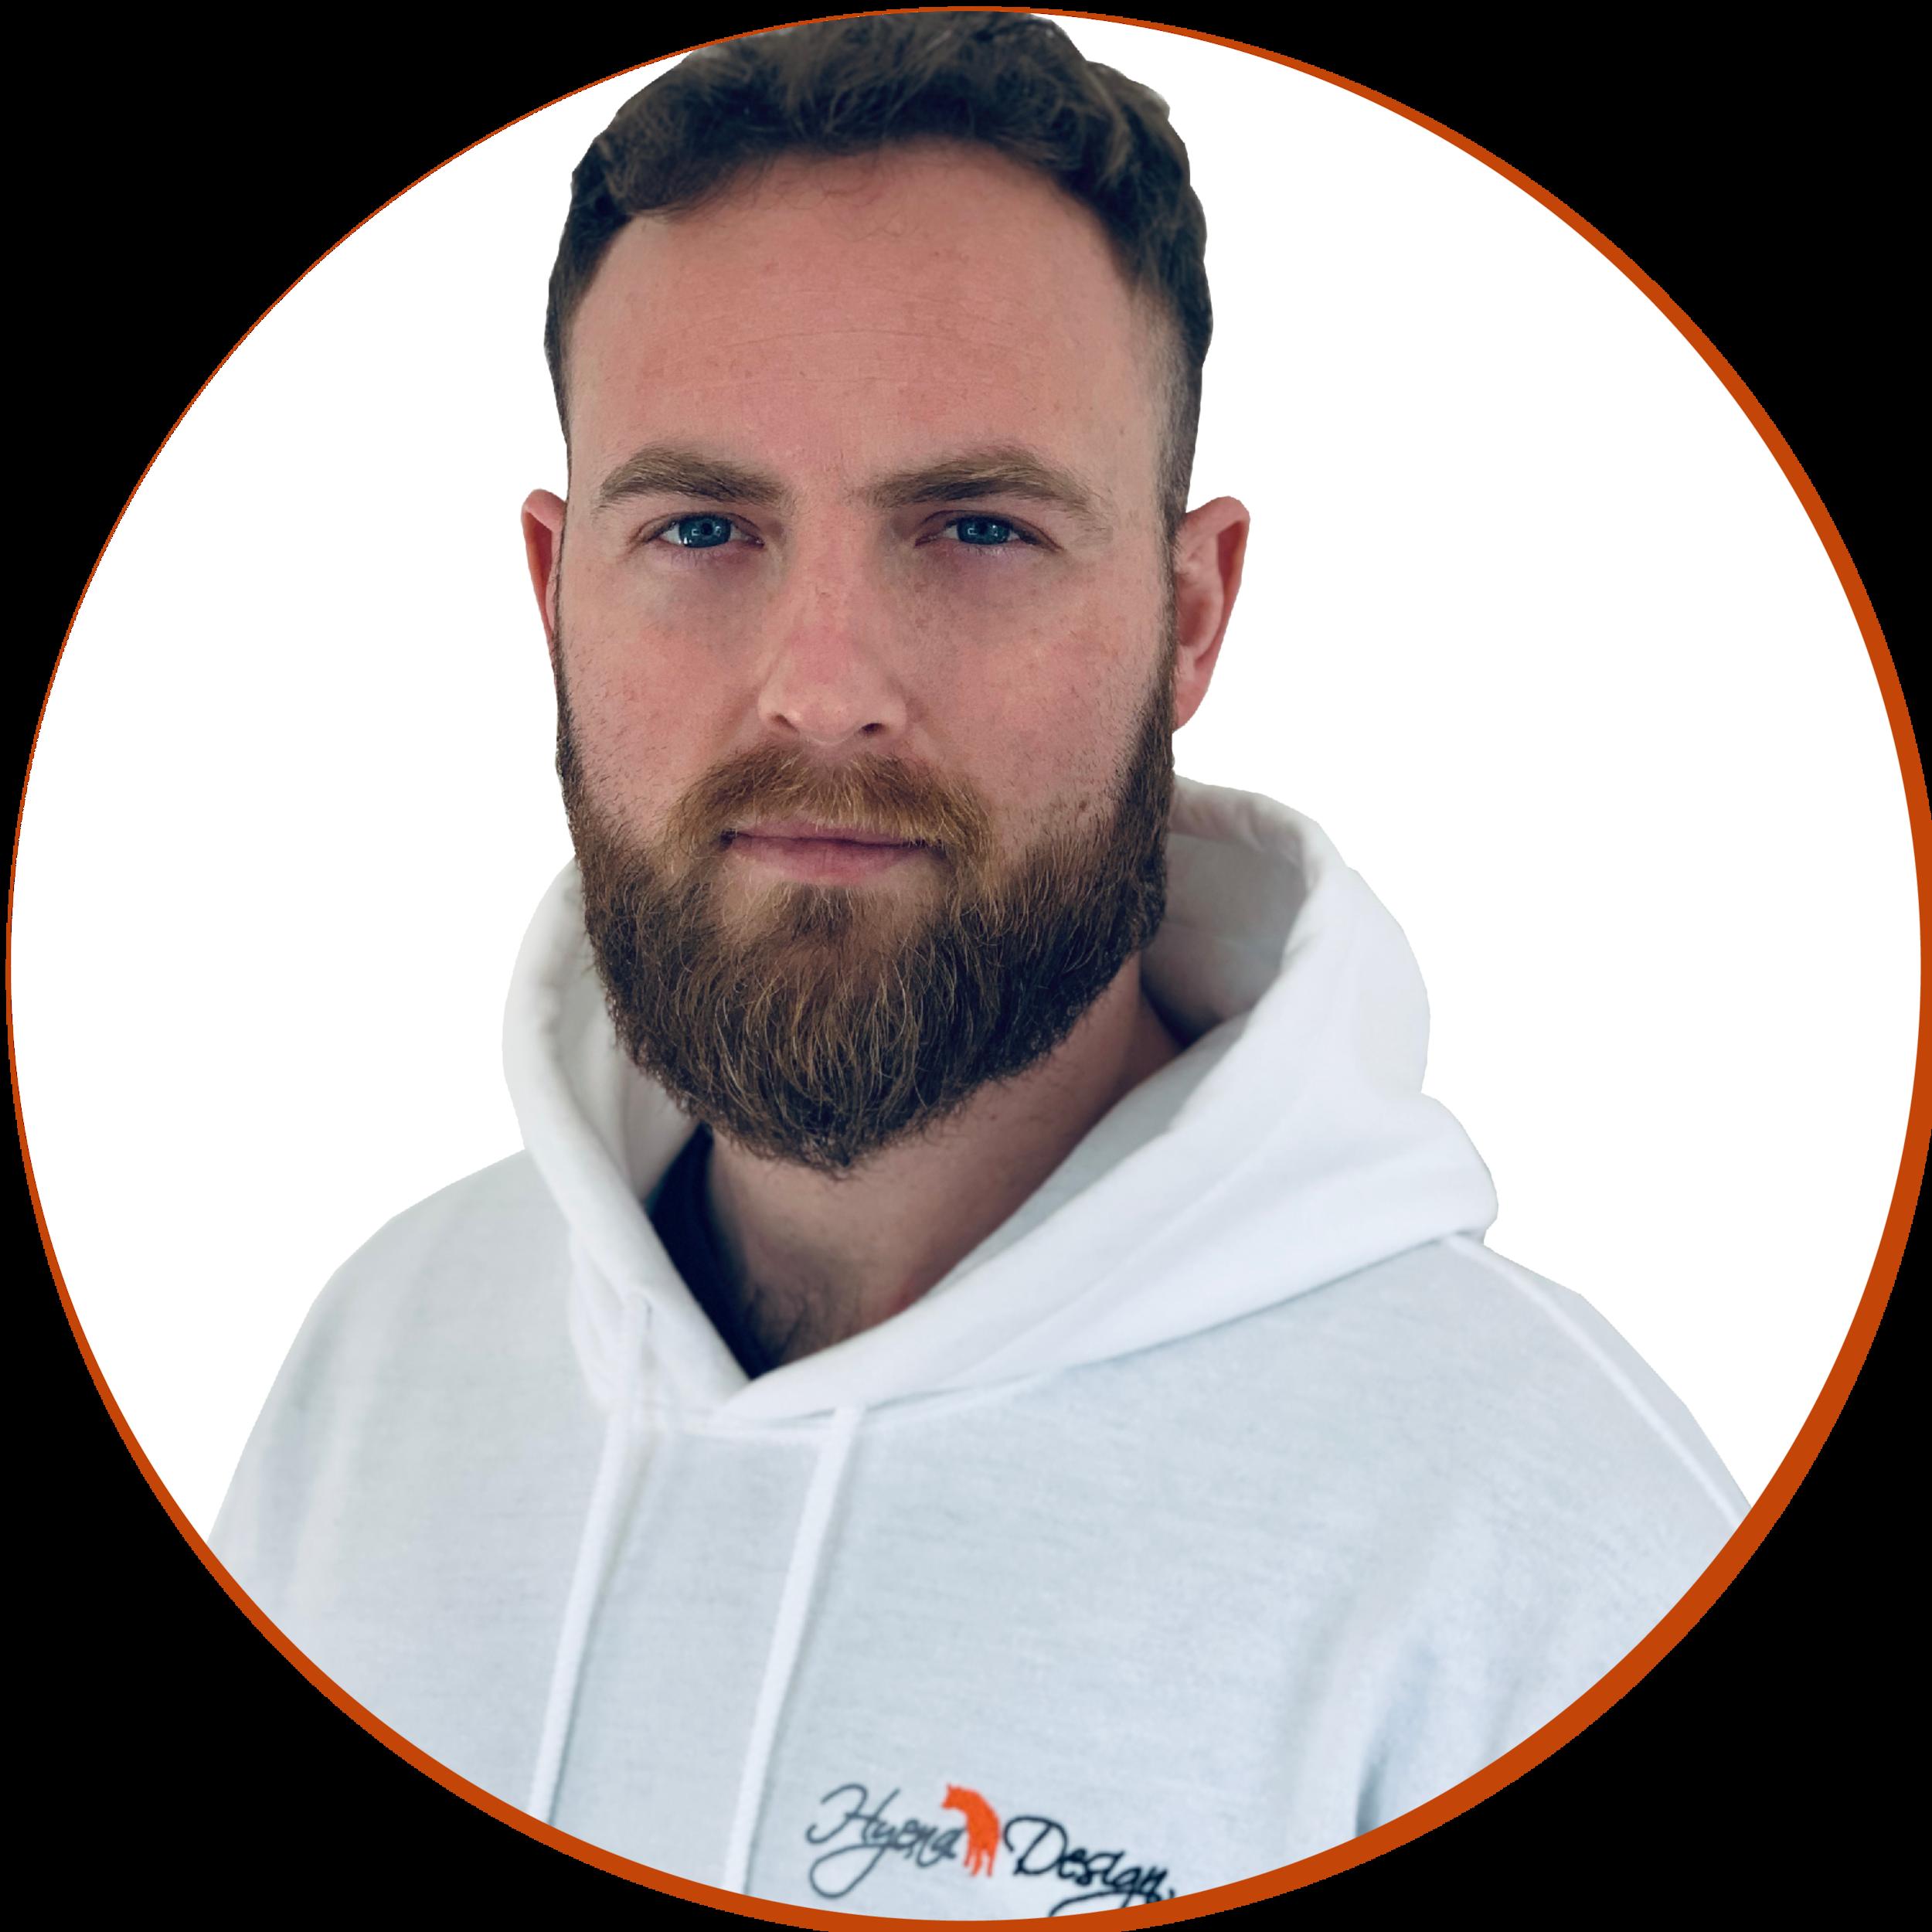 Fray - Senior Web Developer